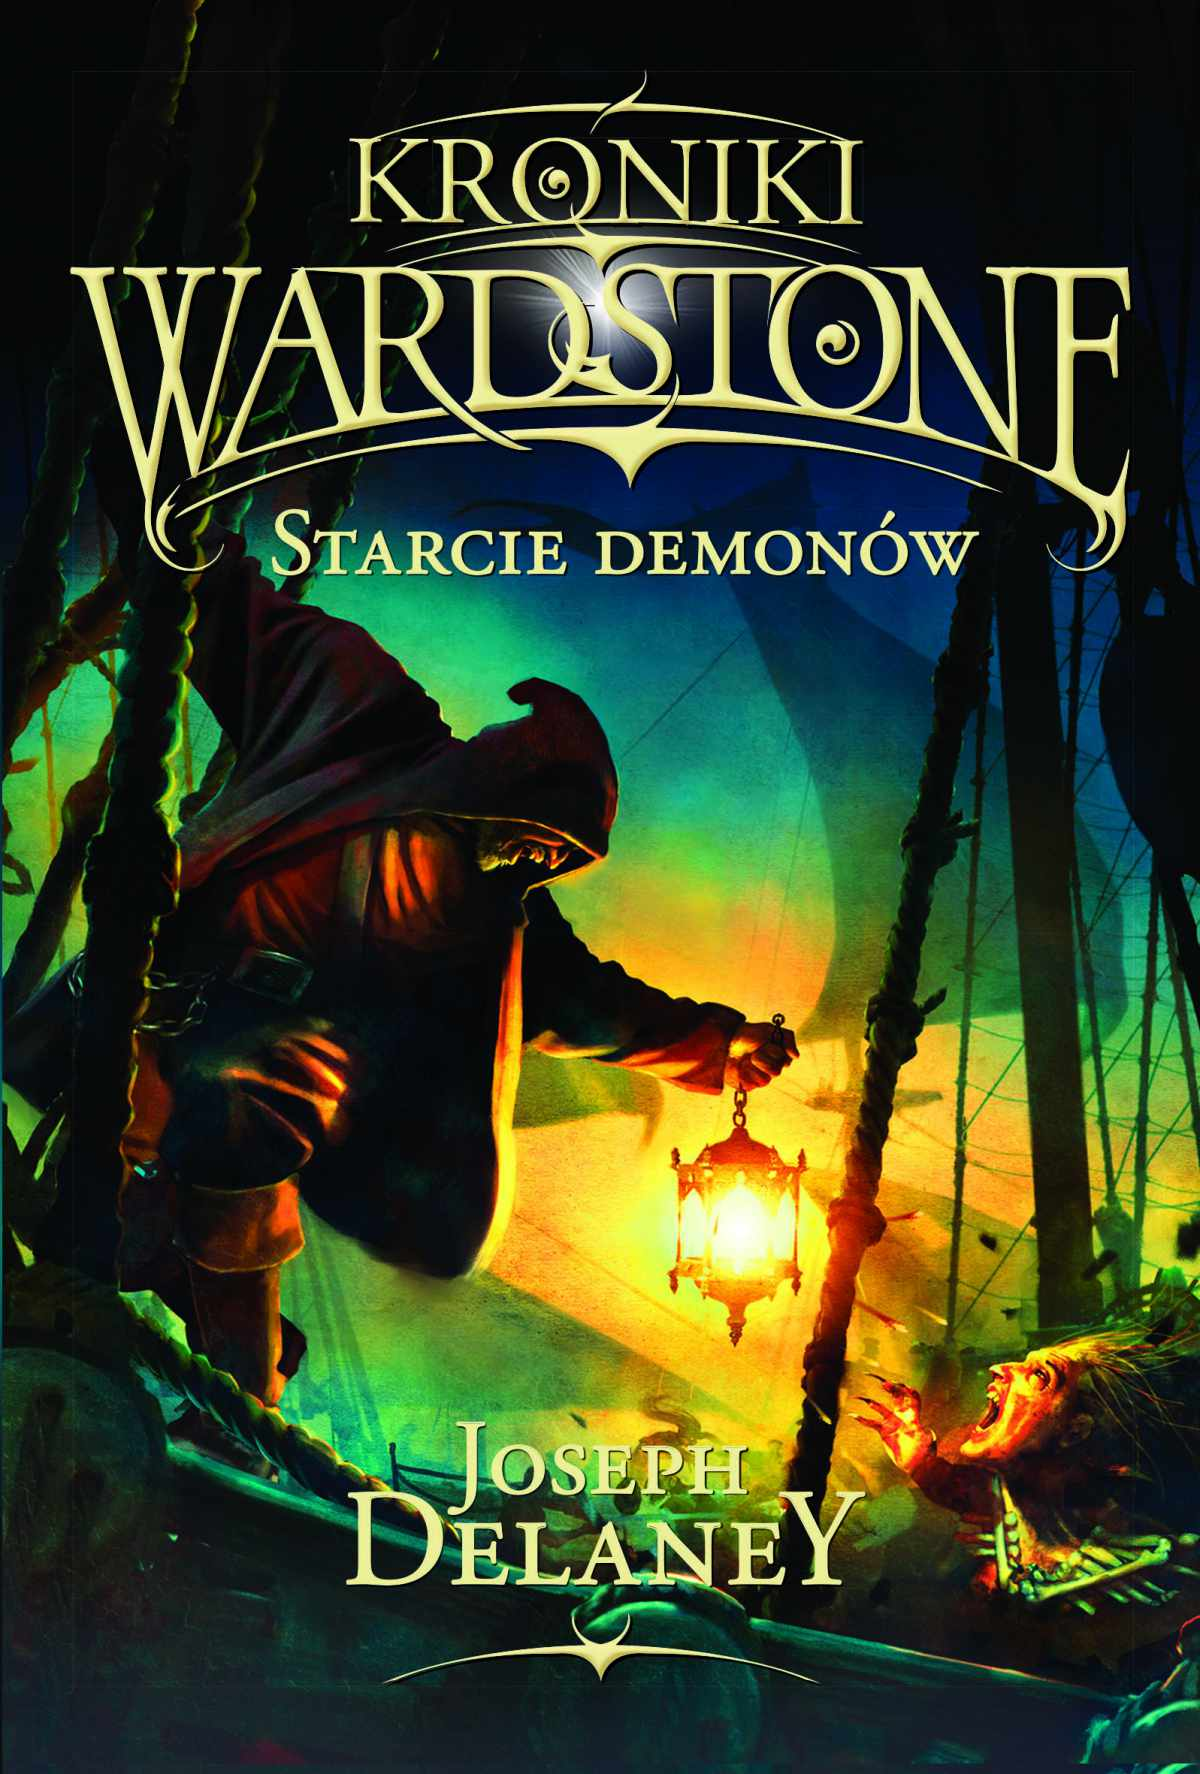 Kroniki Wardstone 6. Starcie demonów - Ebook (Książka EPUB) do pobrania w formacie EPUB